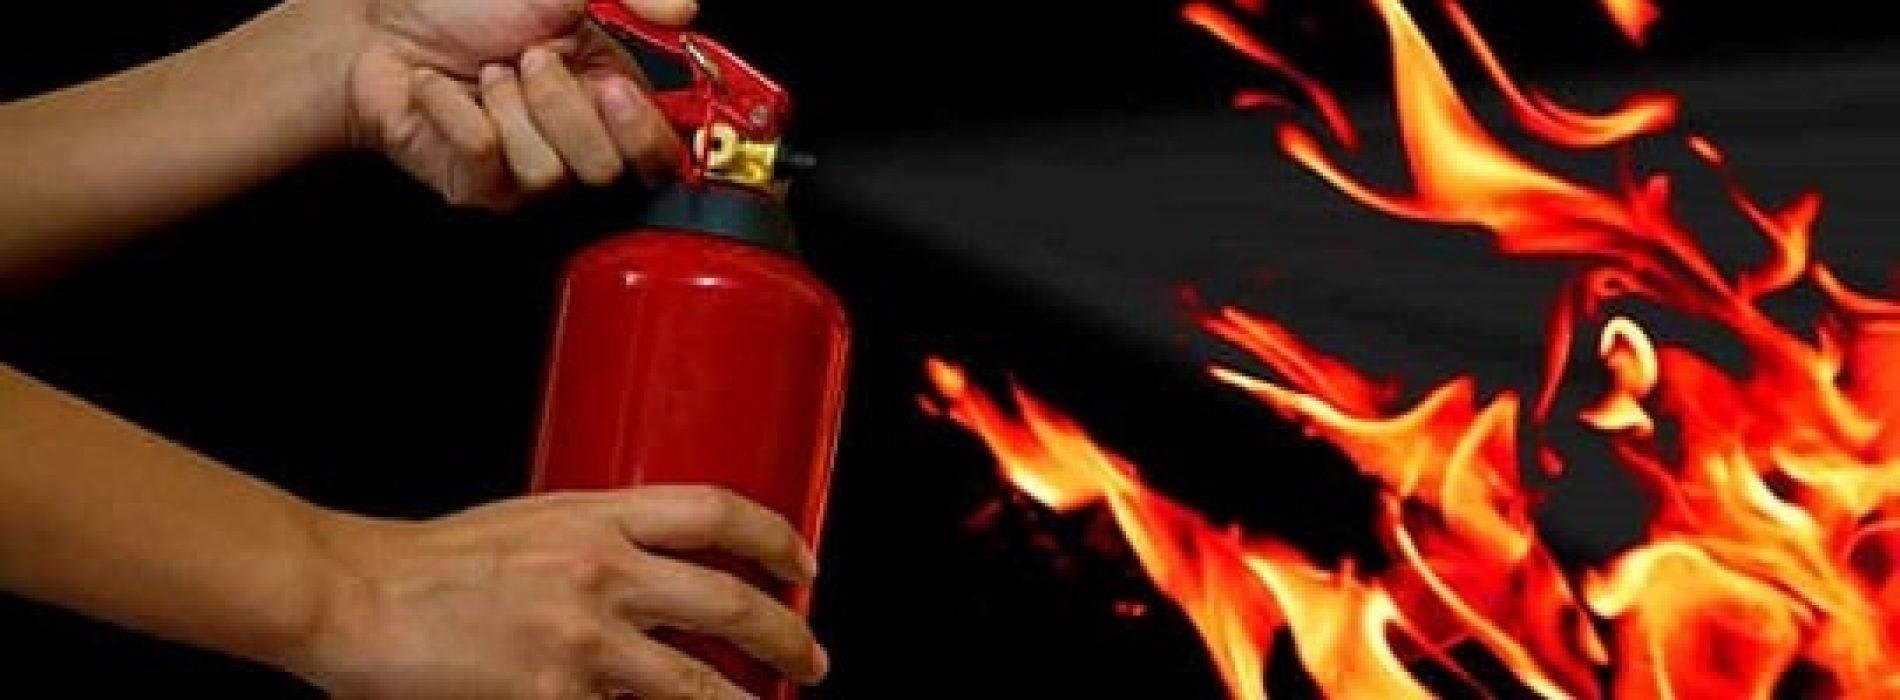 Hva er beste brannslukningsapparat? Skum, pulver eller CO2?